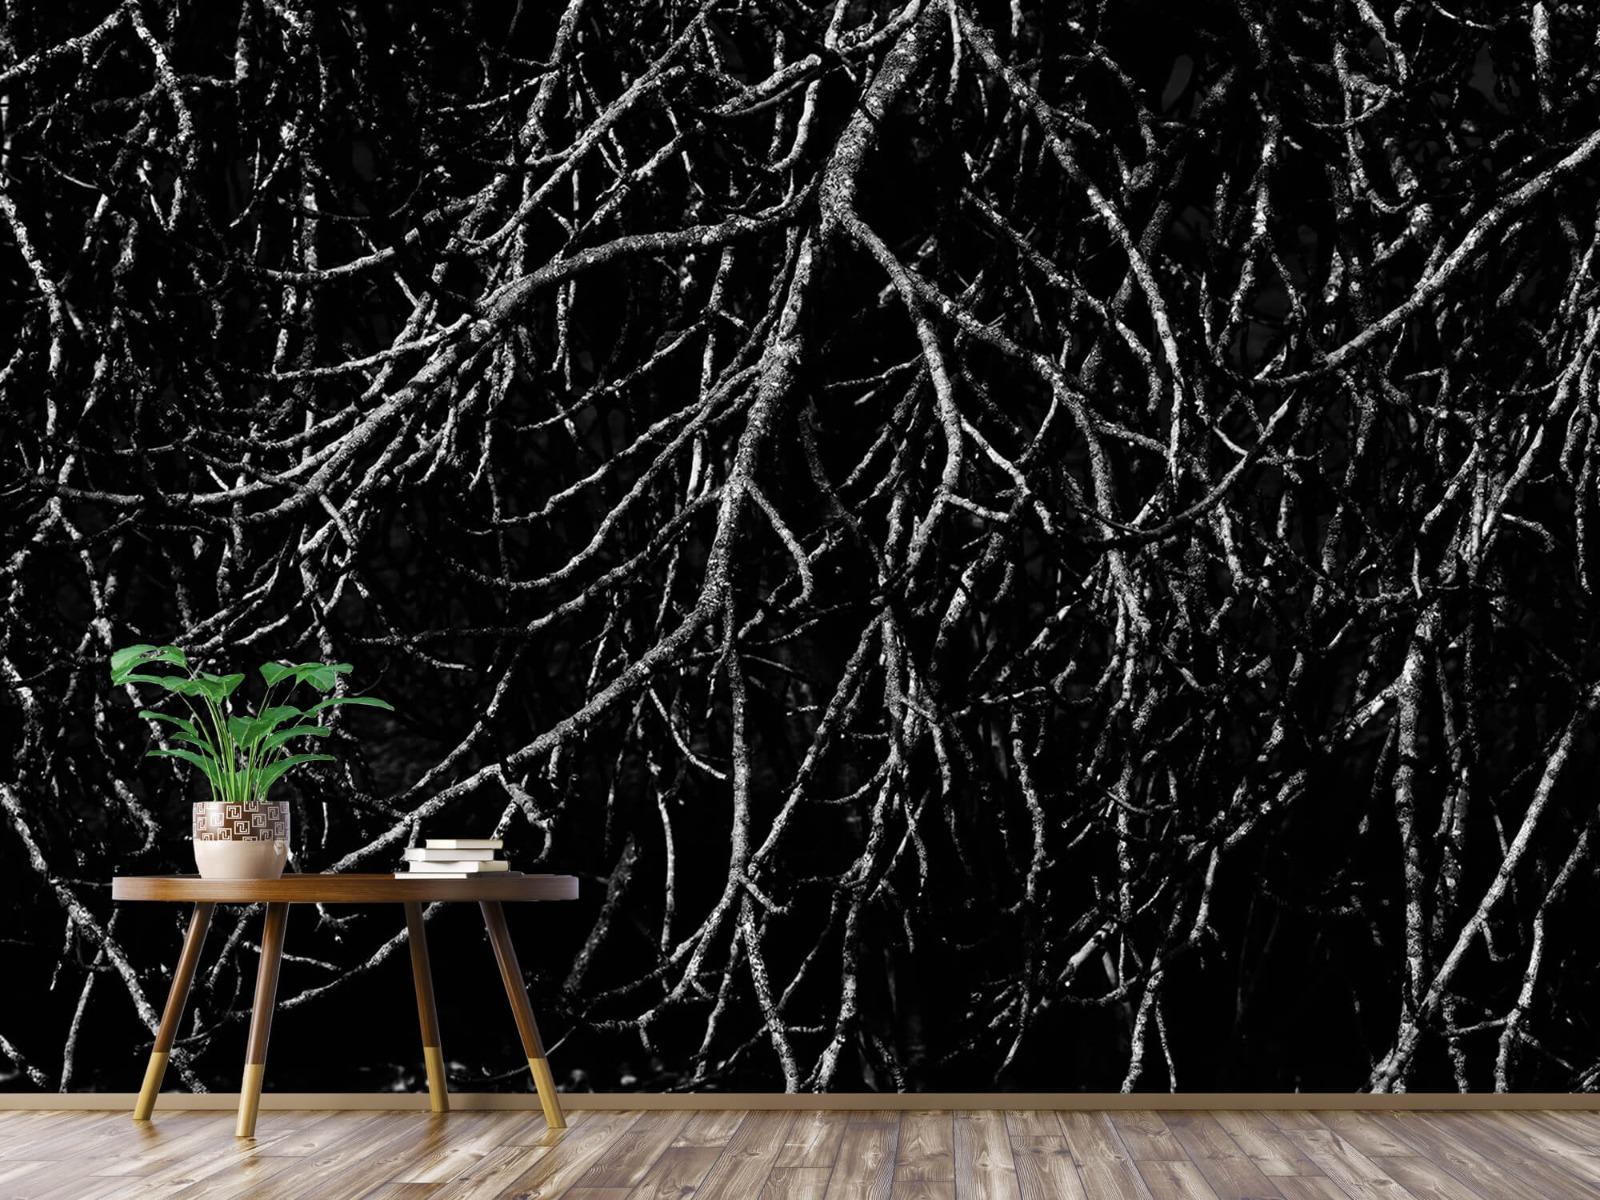 Zwart Wit behang - Boomtakken in zwart wit - Magazijn 4